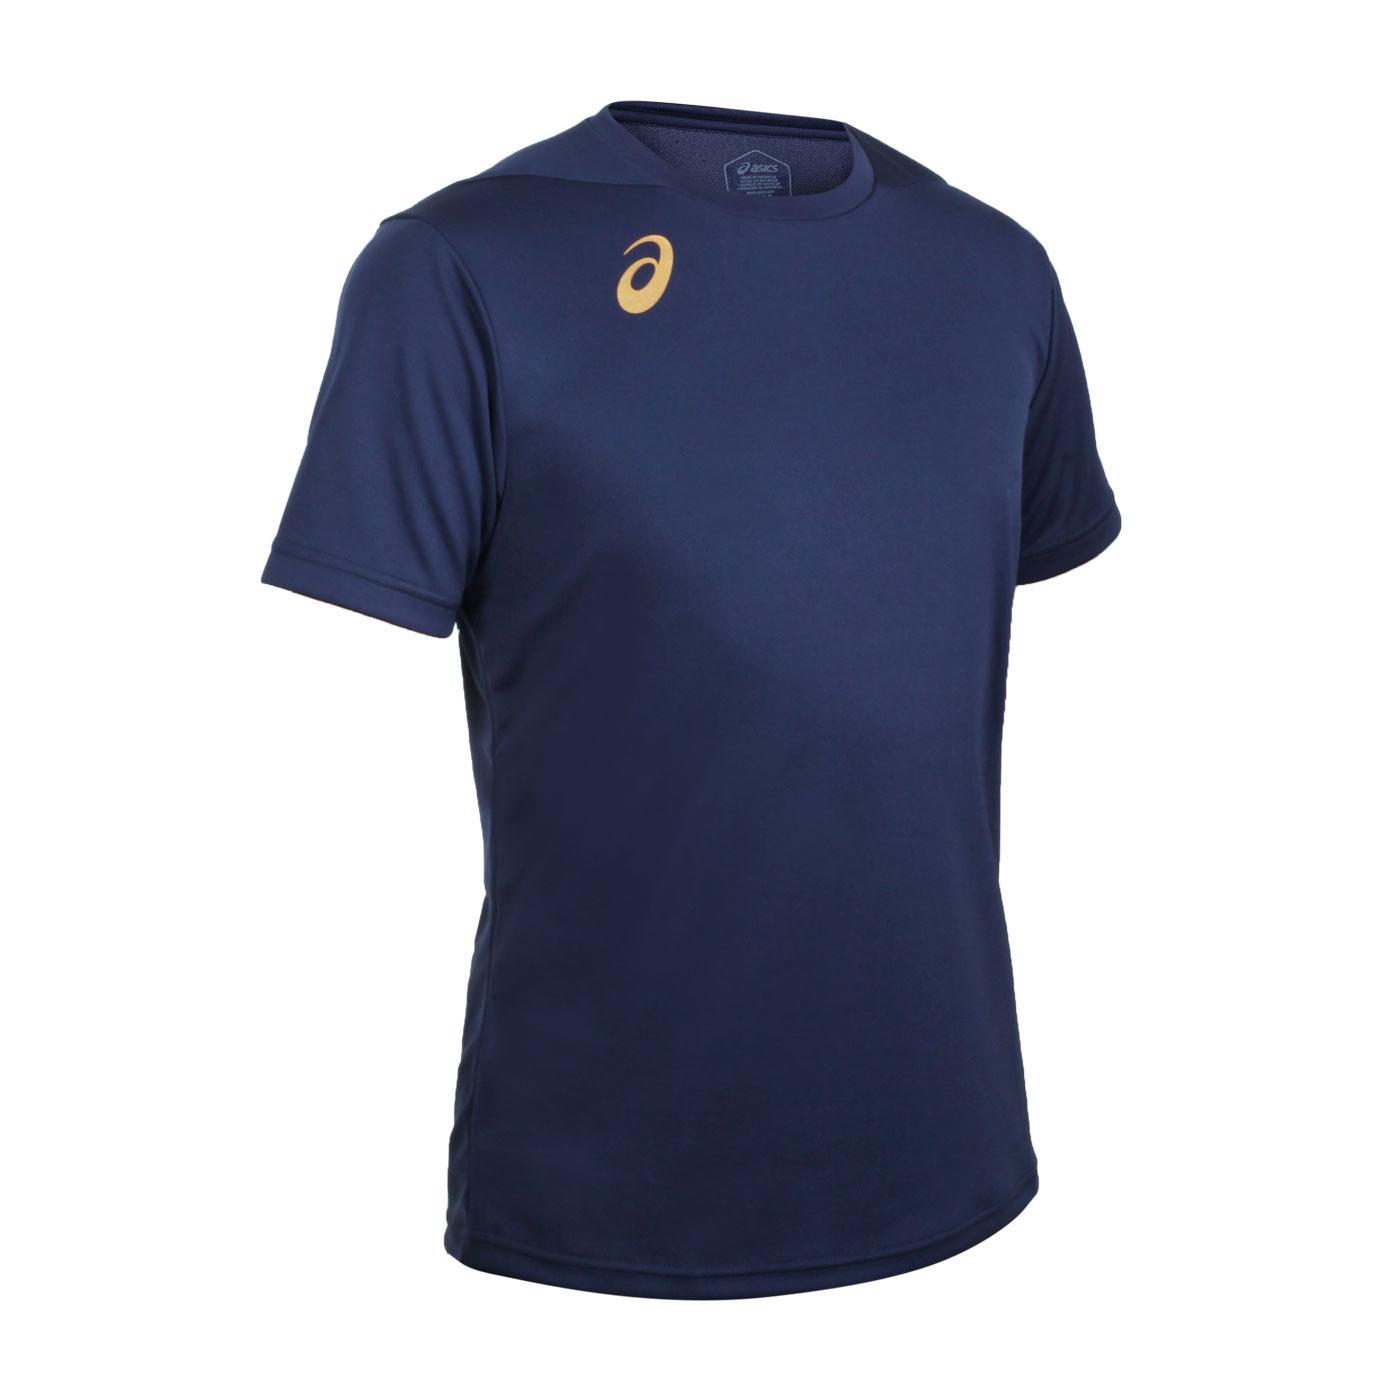 ASICS 男款排羽球短袖T恤 2051A270-400